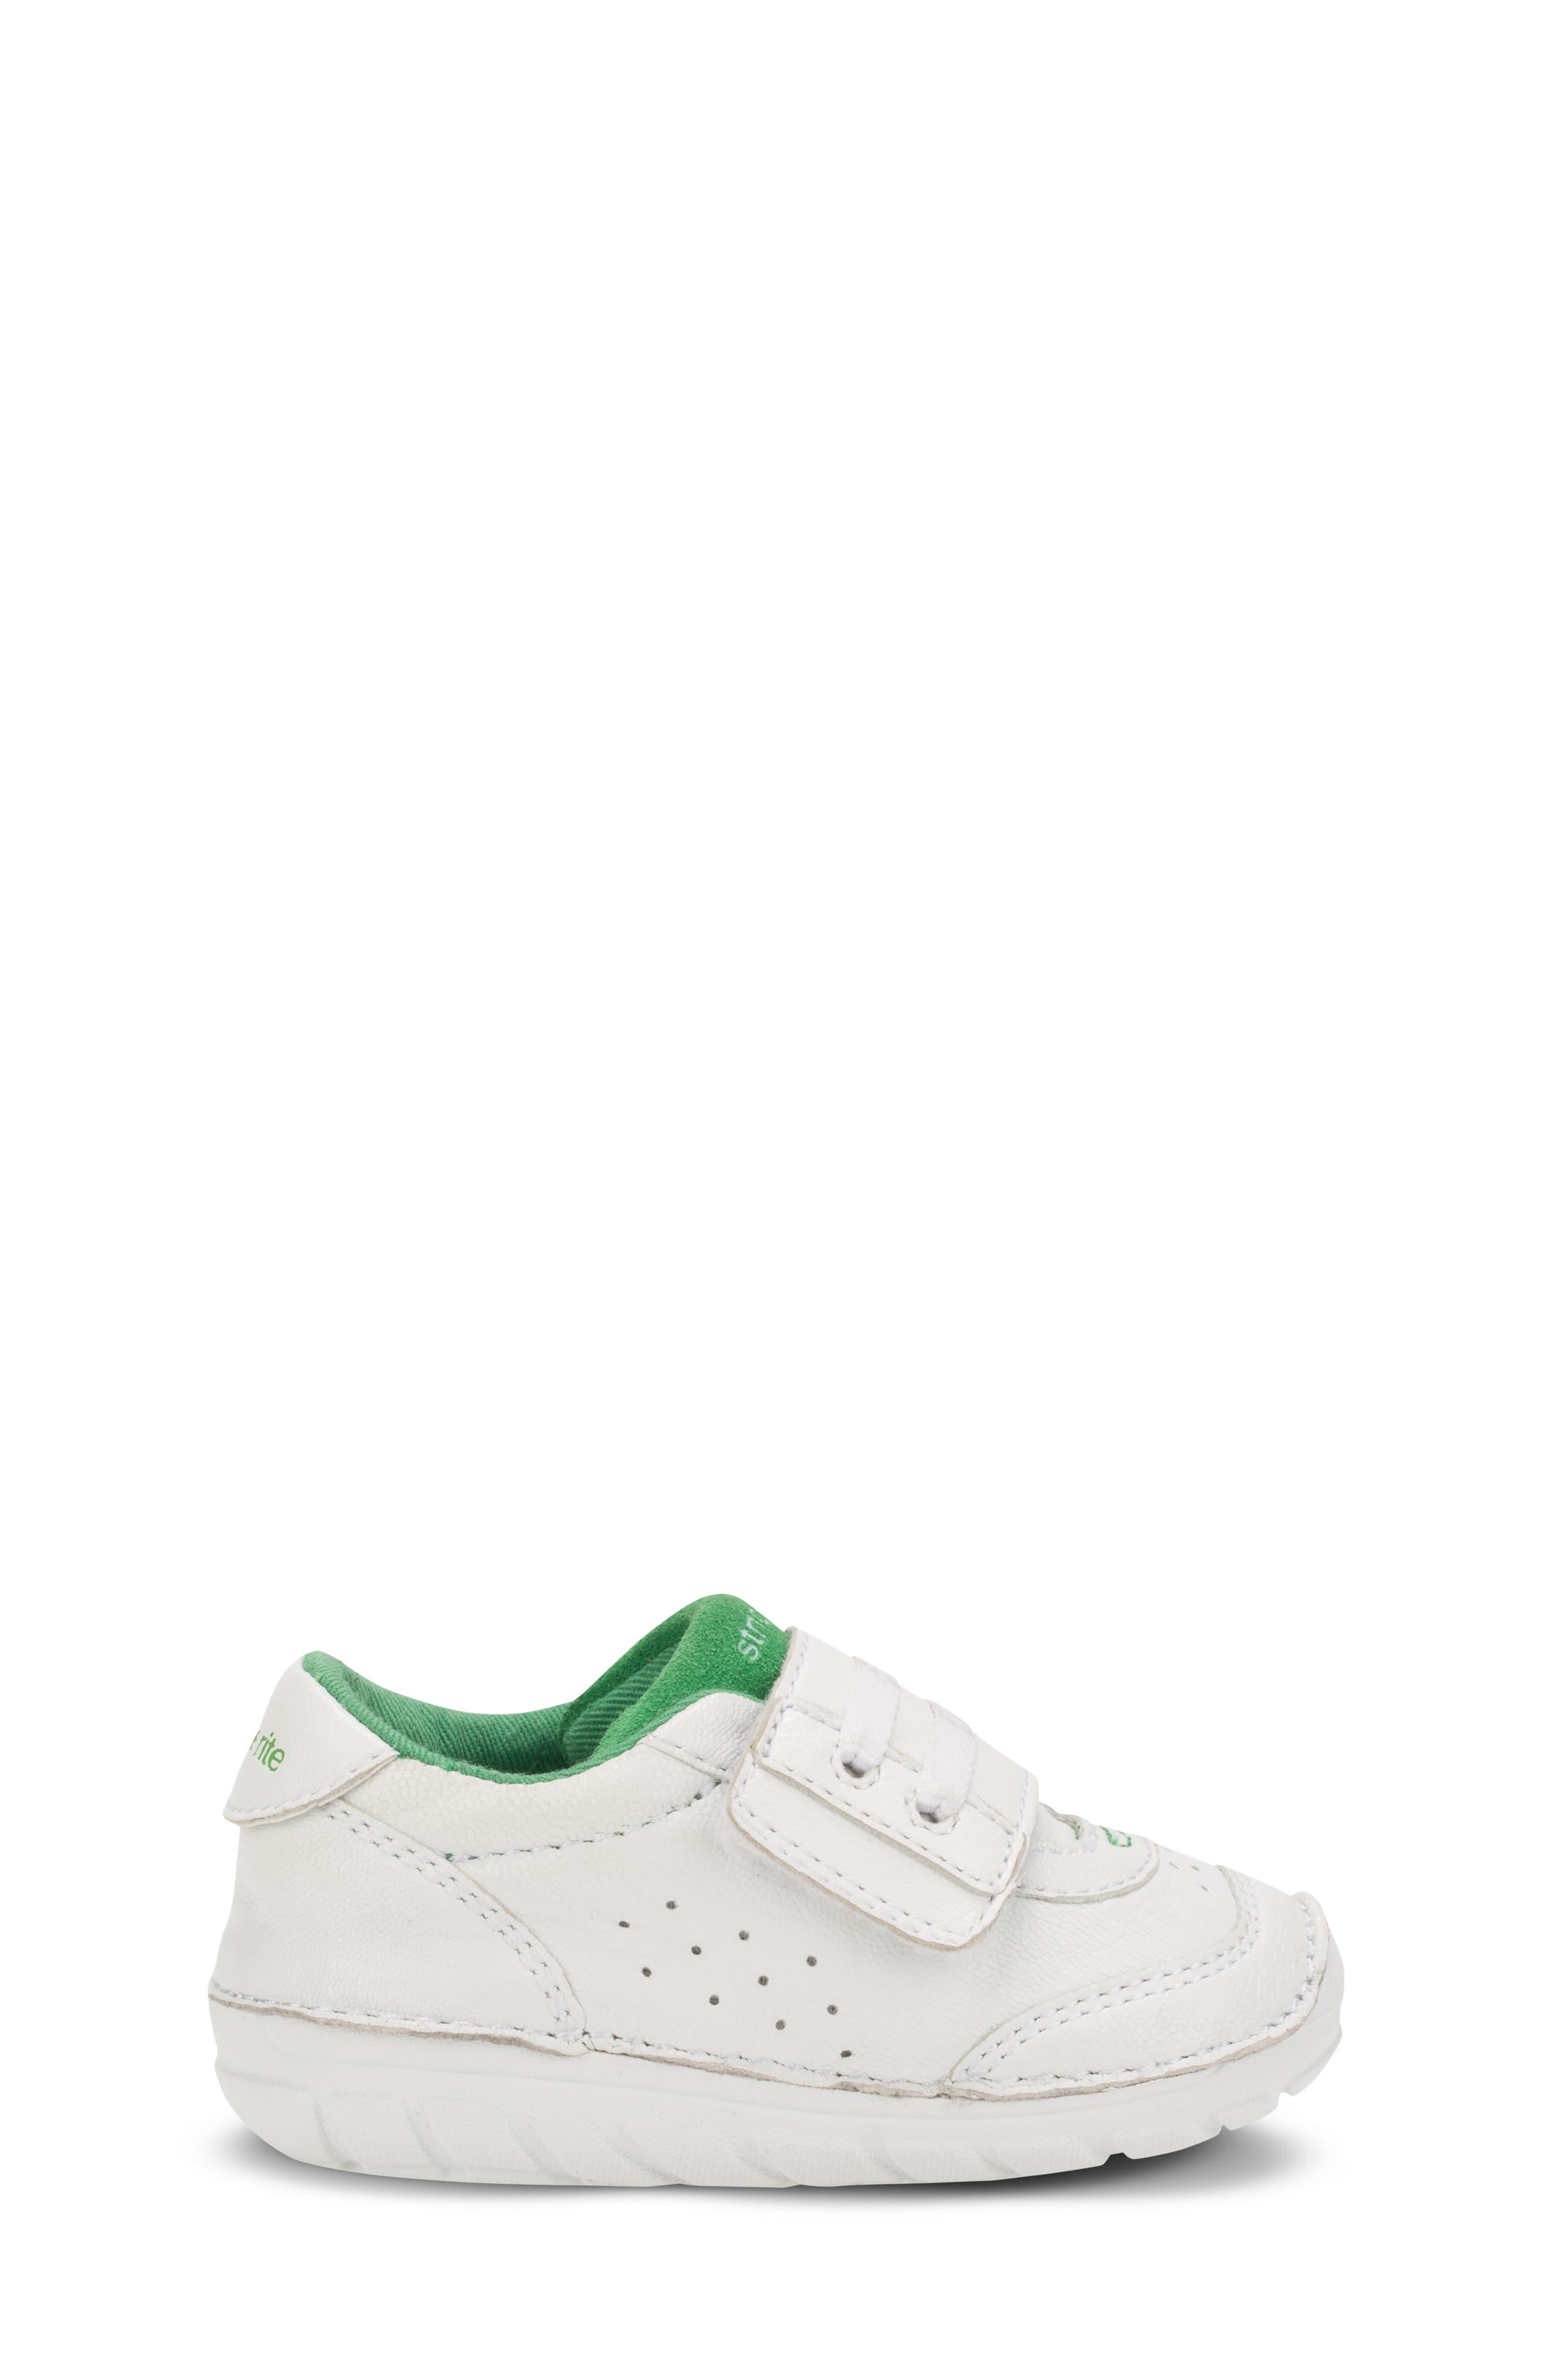 Soft Motion Wyatt Sneaker,                             Alternate thumbnail 3, color,                             WHITE